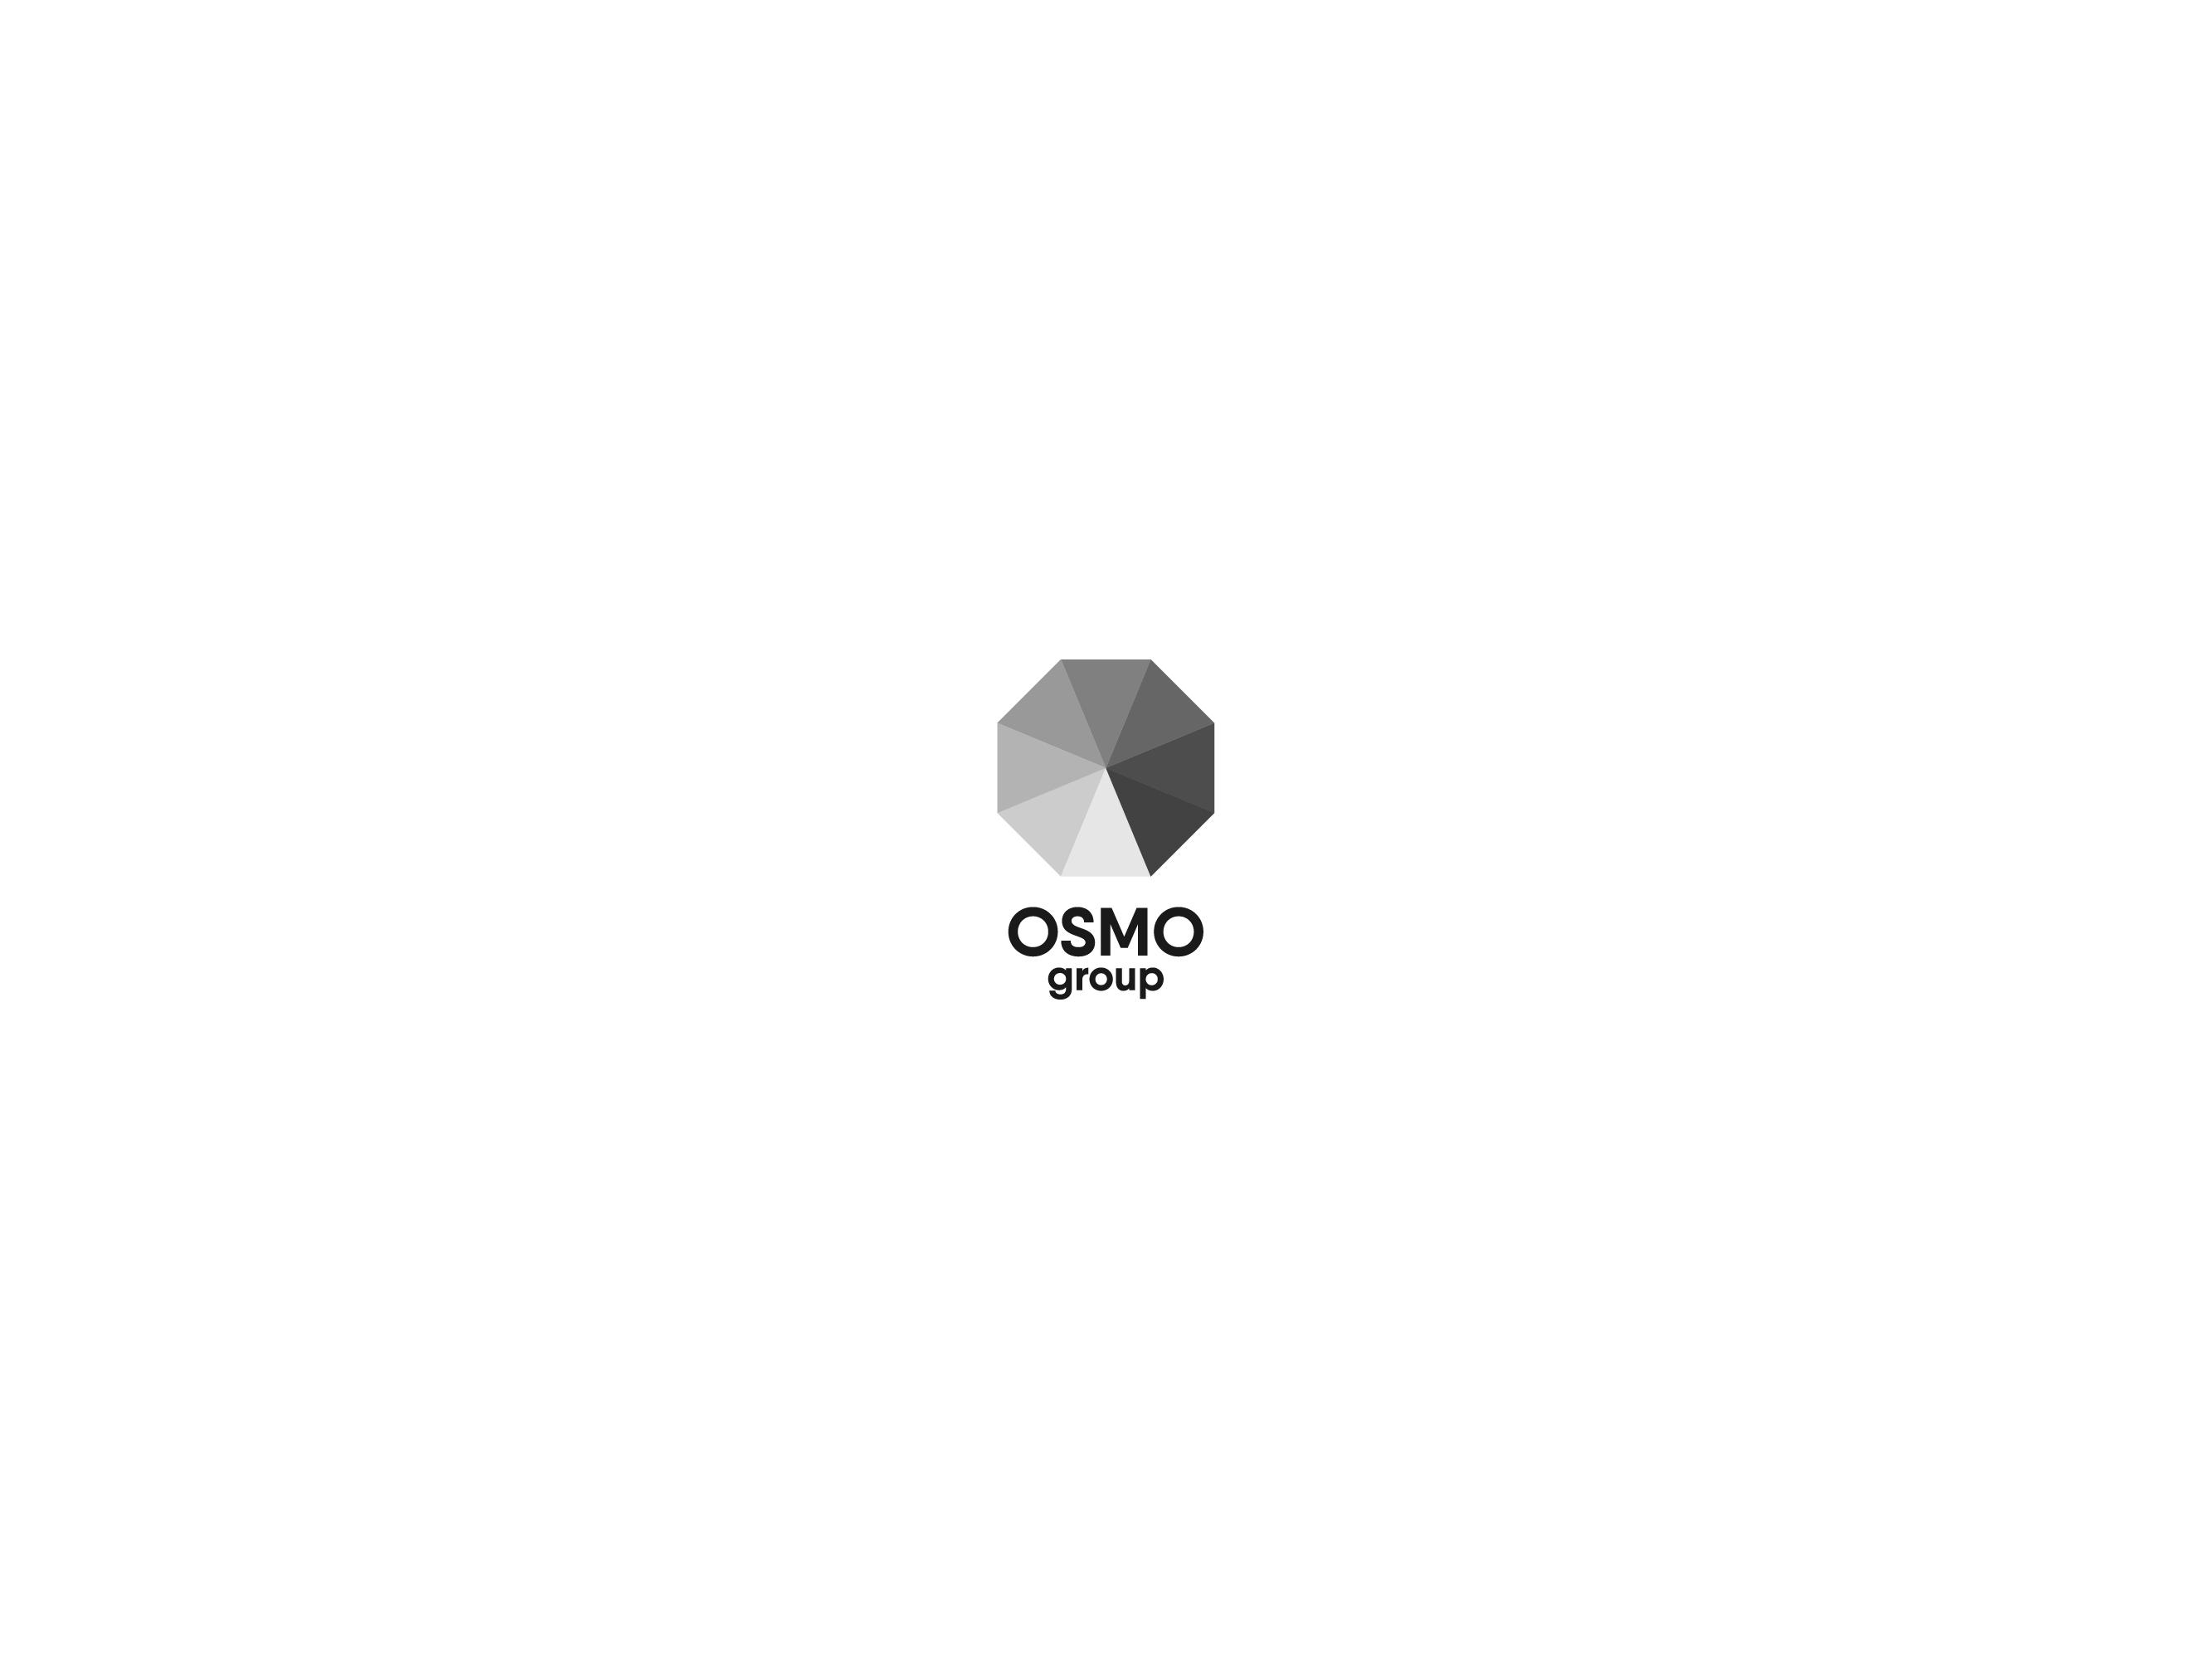 Создание логотипа для строительной компании OSMO group  фото f_50459b4d2d844c66.png